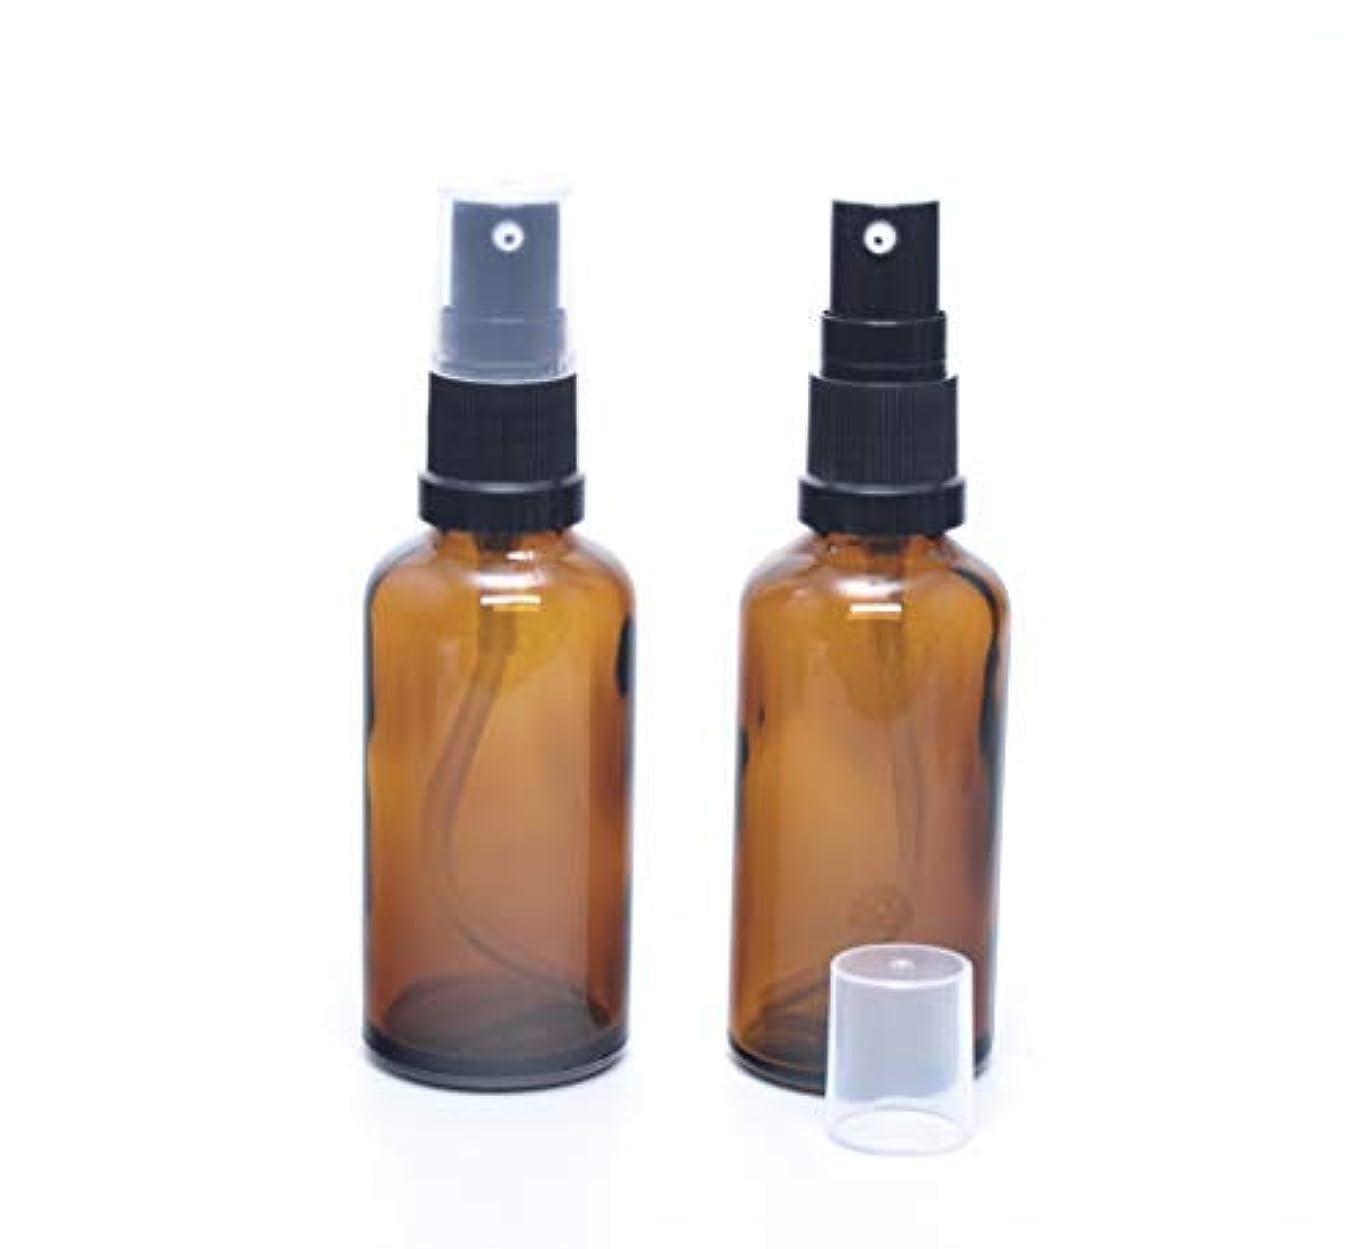 熟達した負担世界的に遮光瓶 (硝子)ポンプボトル 50ml (フィンガープッシュタイプ) / アンバー × 2本セット